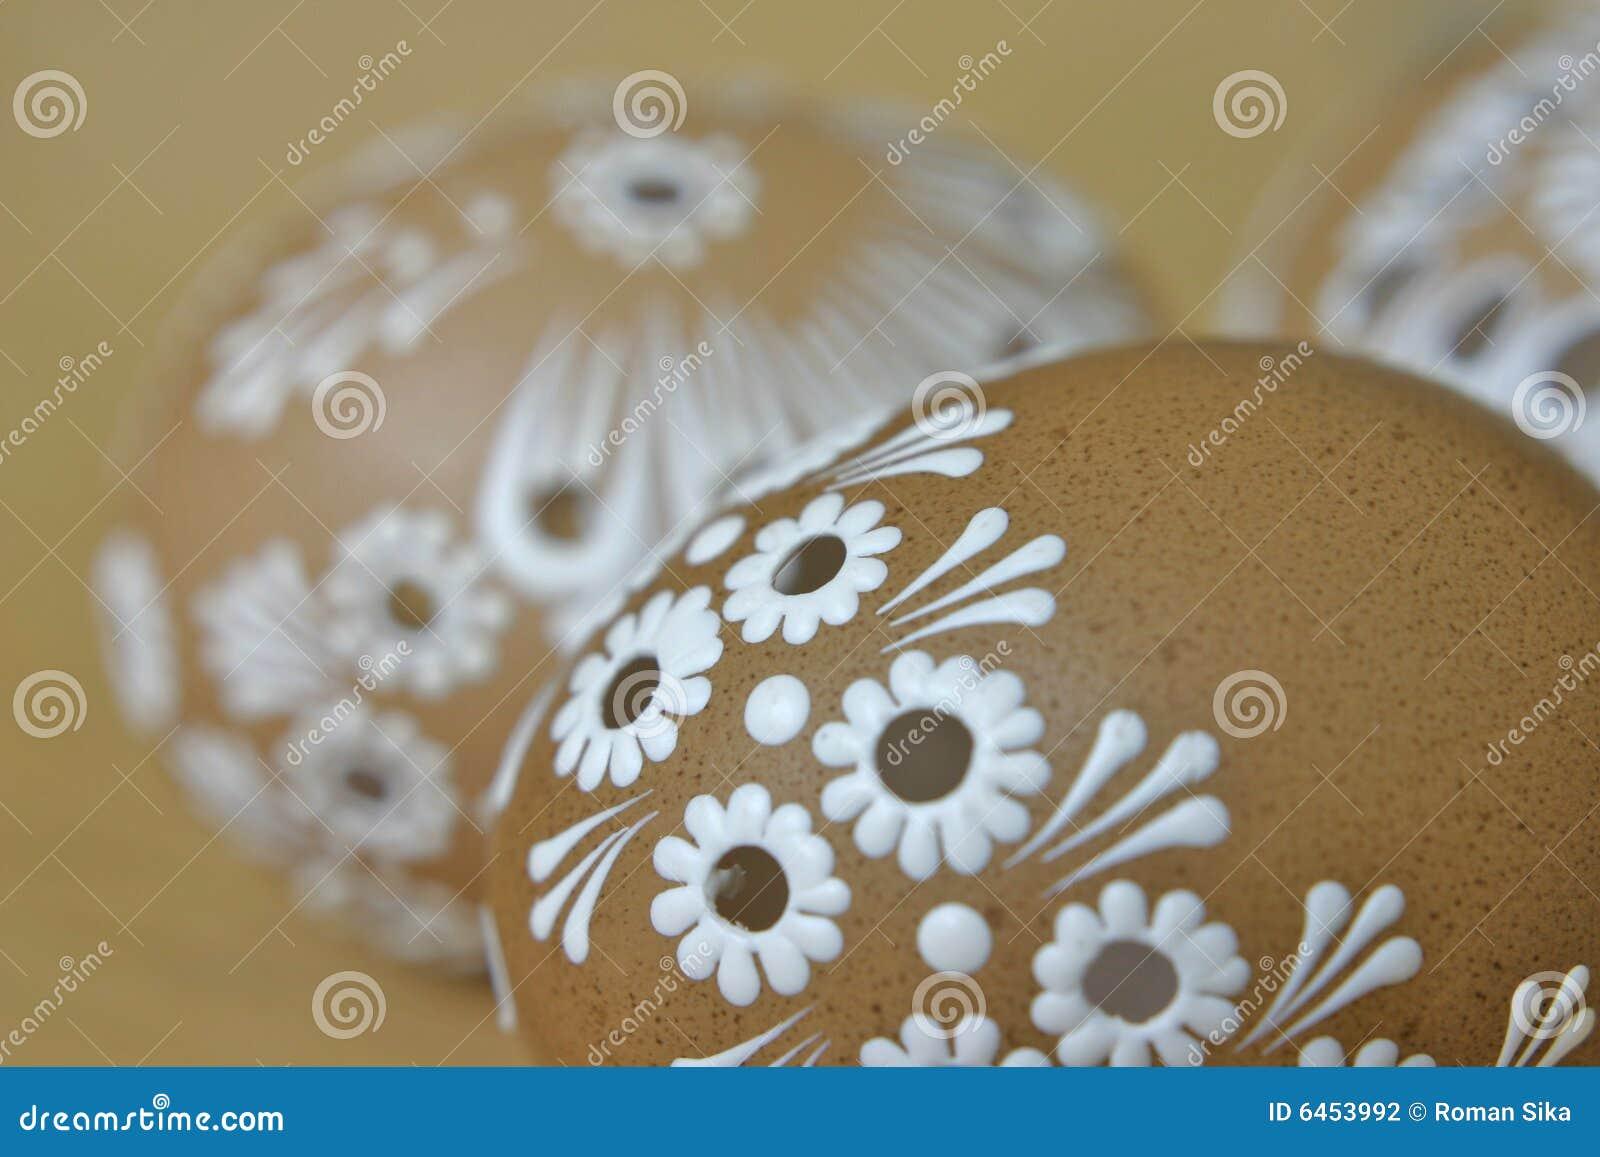 Wielkanoc jajko